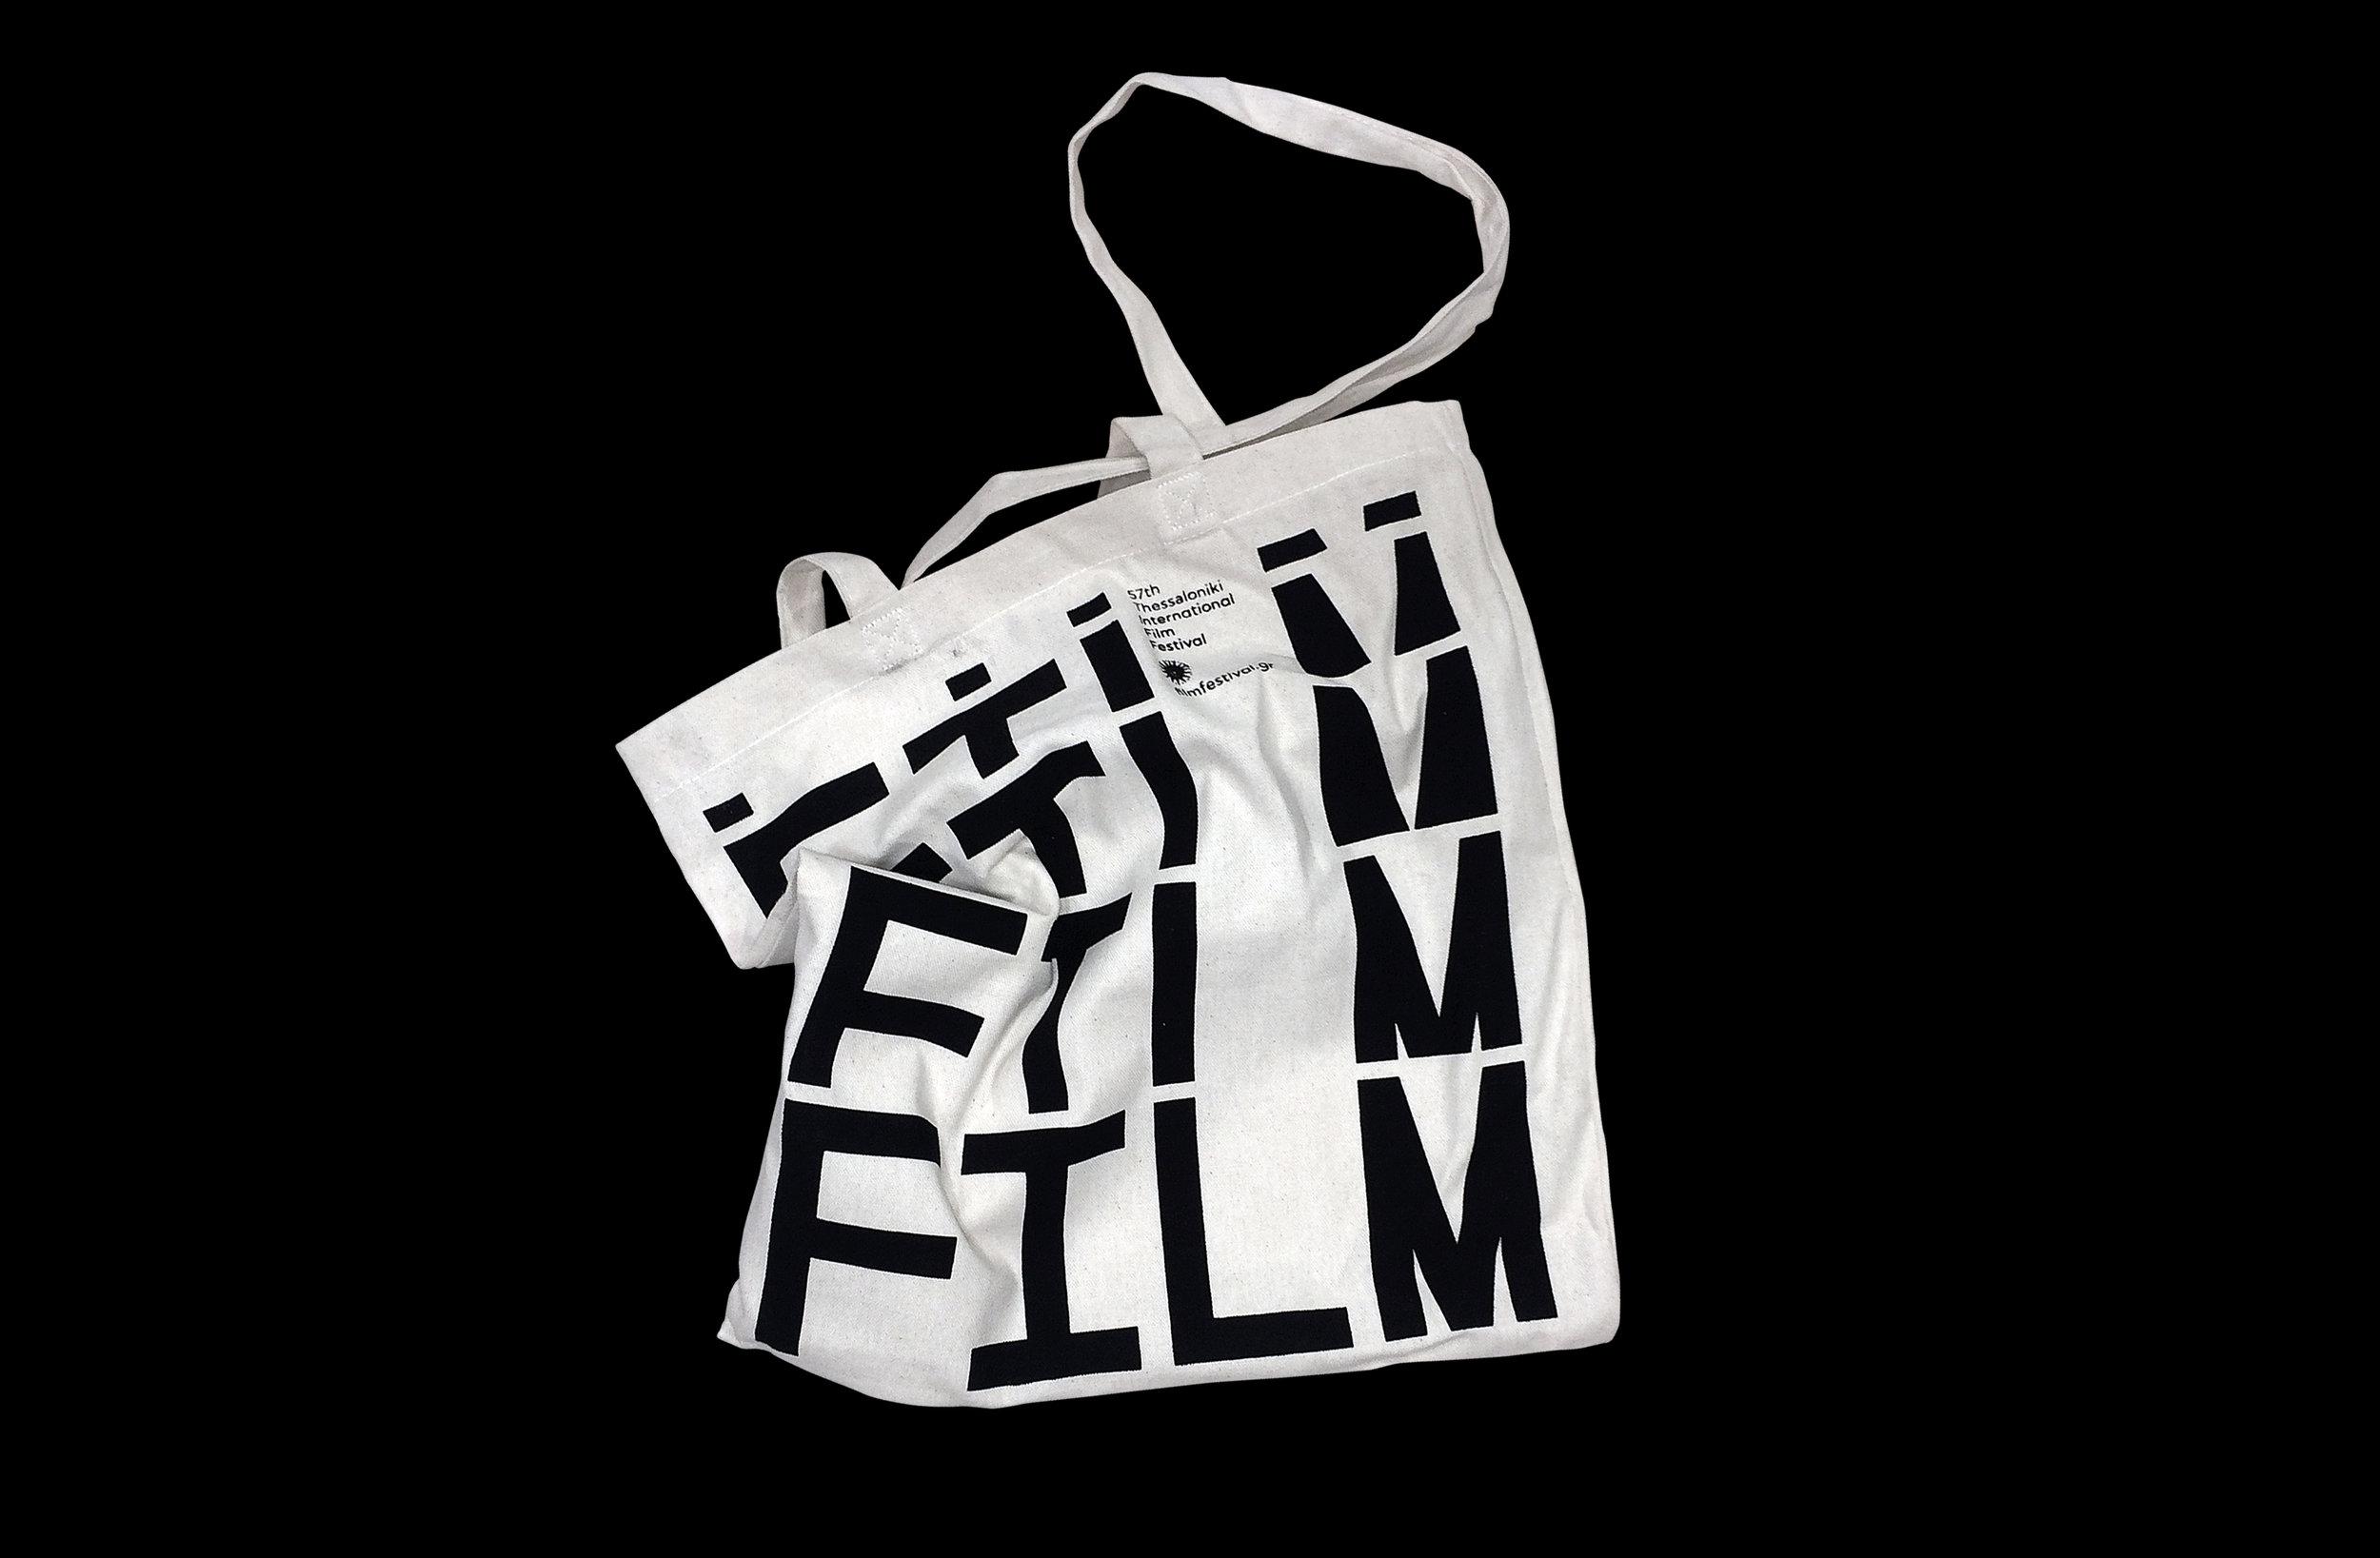 New_Studio_Tiff_Festival_Design_Film_19